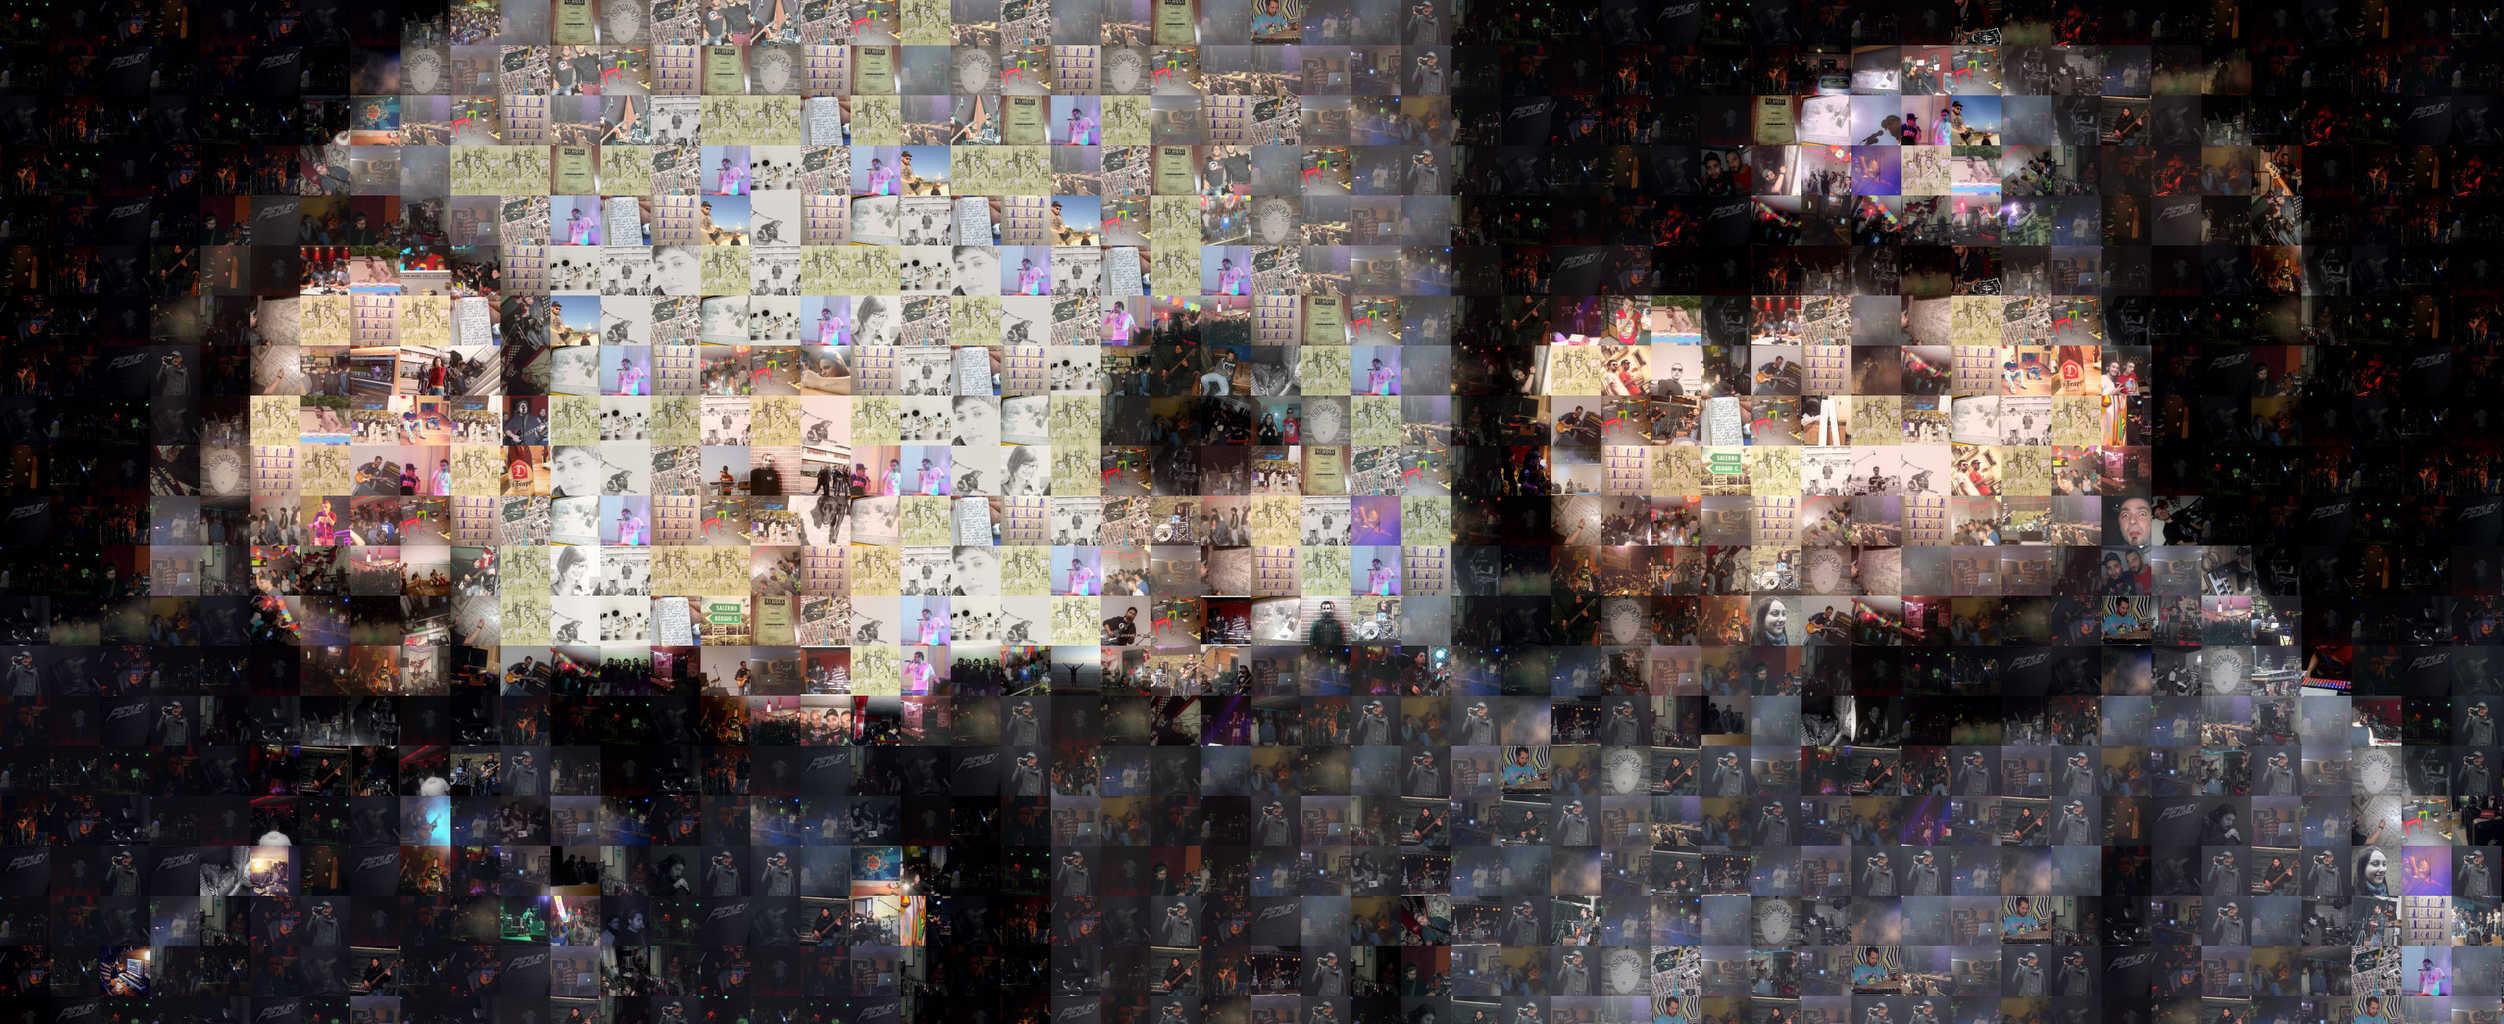 Visioni Distorte Campagna Grafica 2016